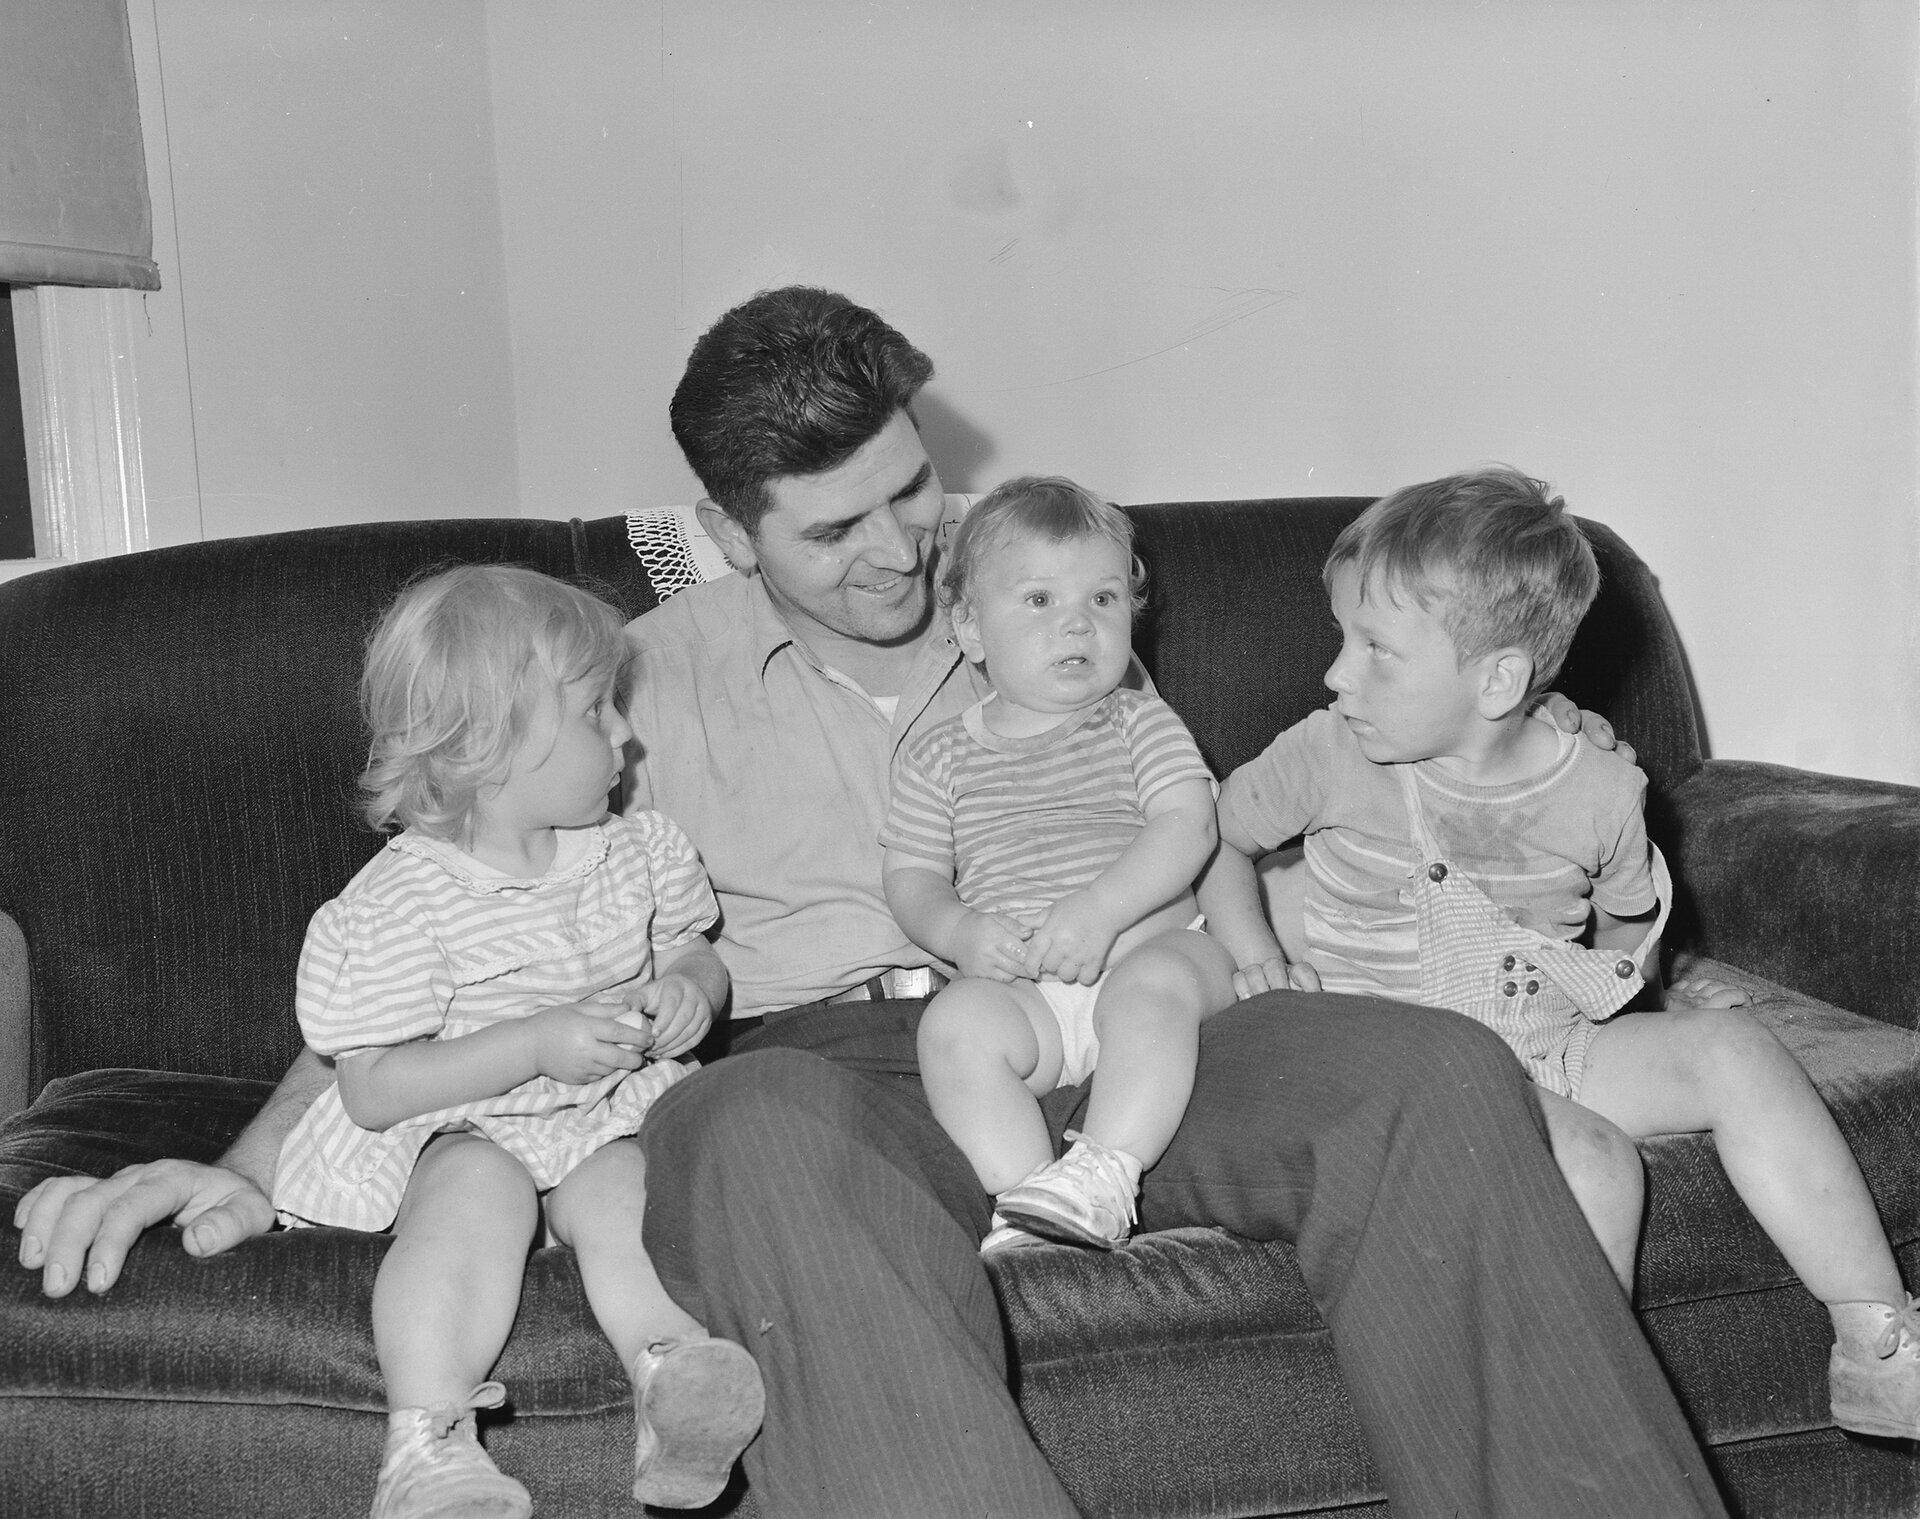 Ojciec ze swoimi dziećmi, ok. 1946 Ojciec ze swoimi dziećmi, ok. 1946 Źródło: Russell Lee, domena publiczna.